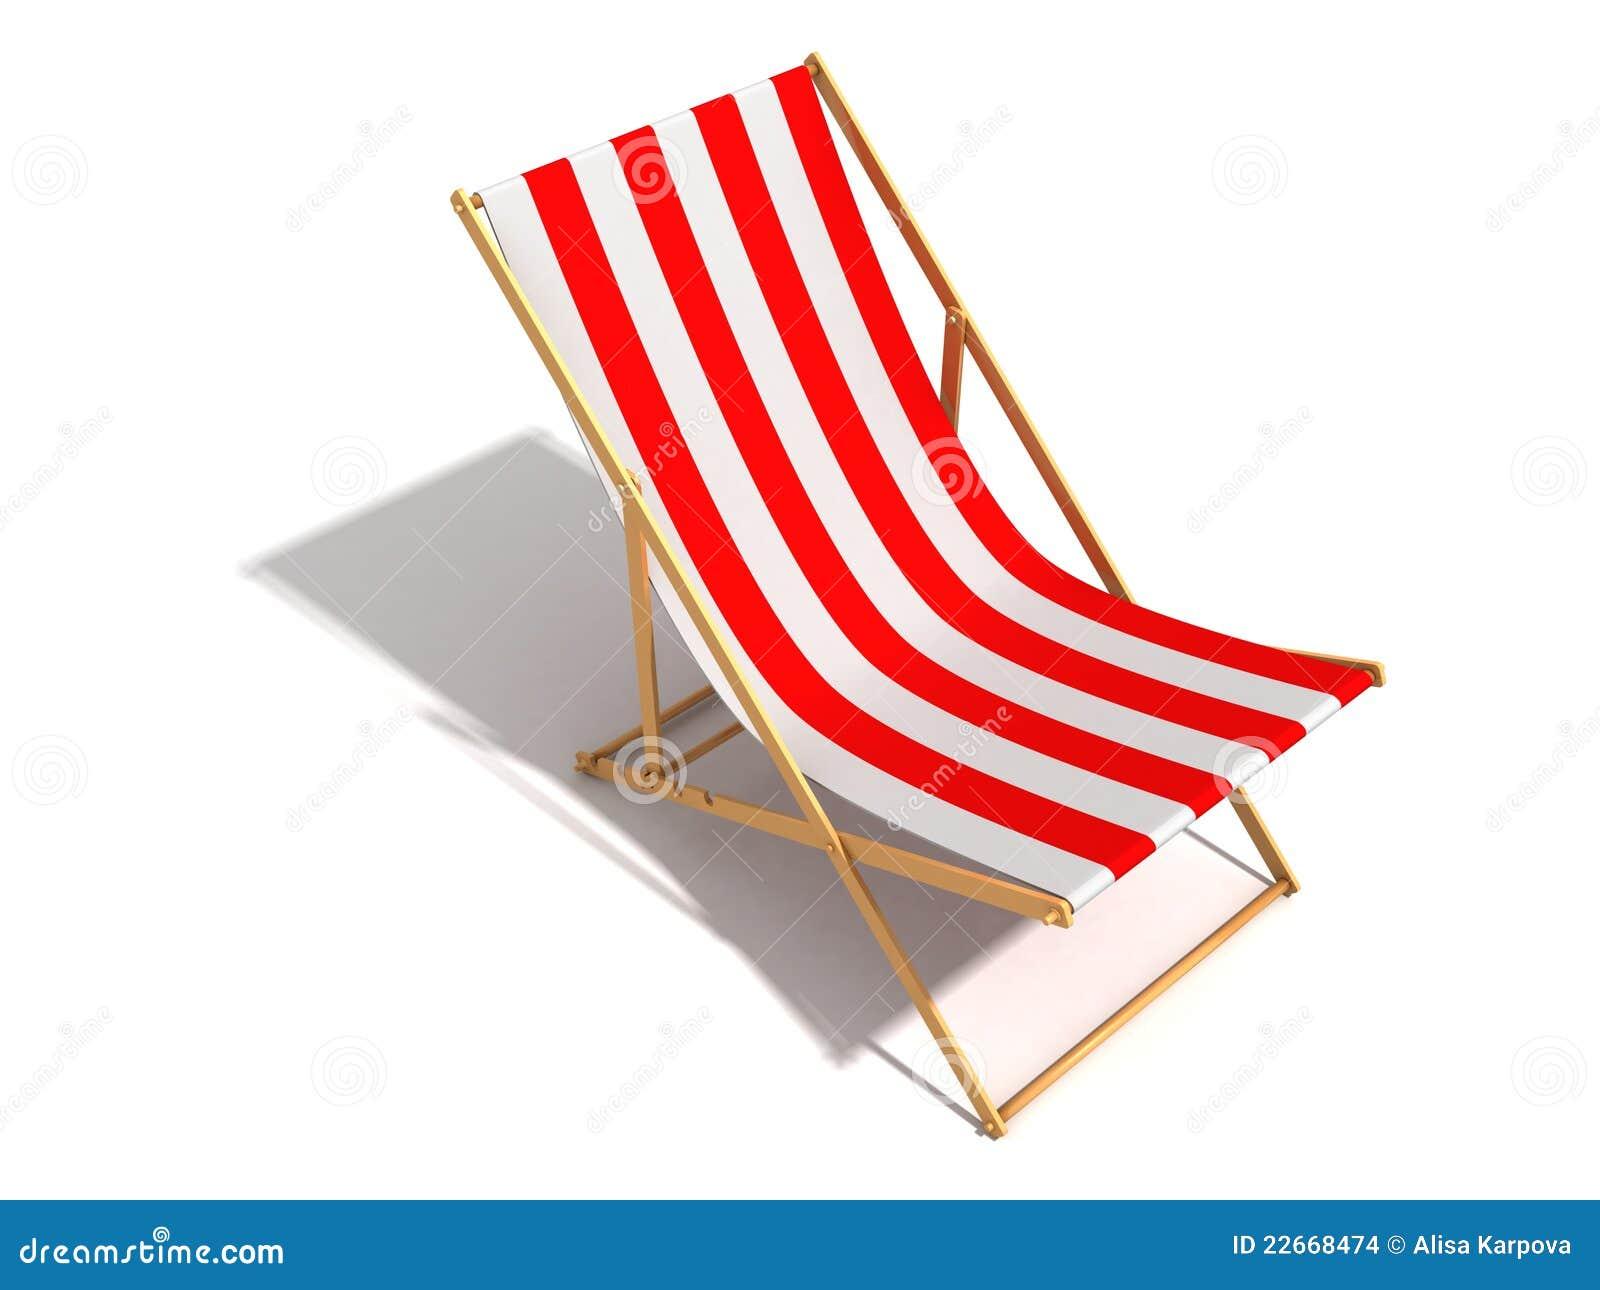 Silla de playa blanca roja rayada en el fondo blanco for Sillas para jugar a la play